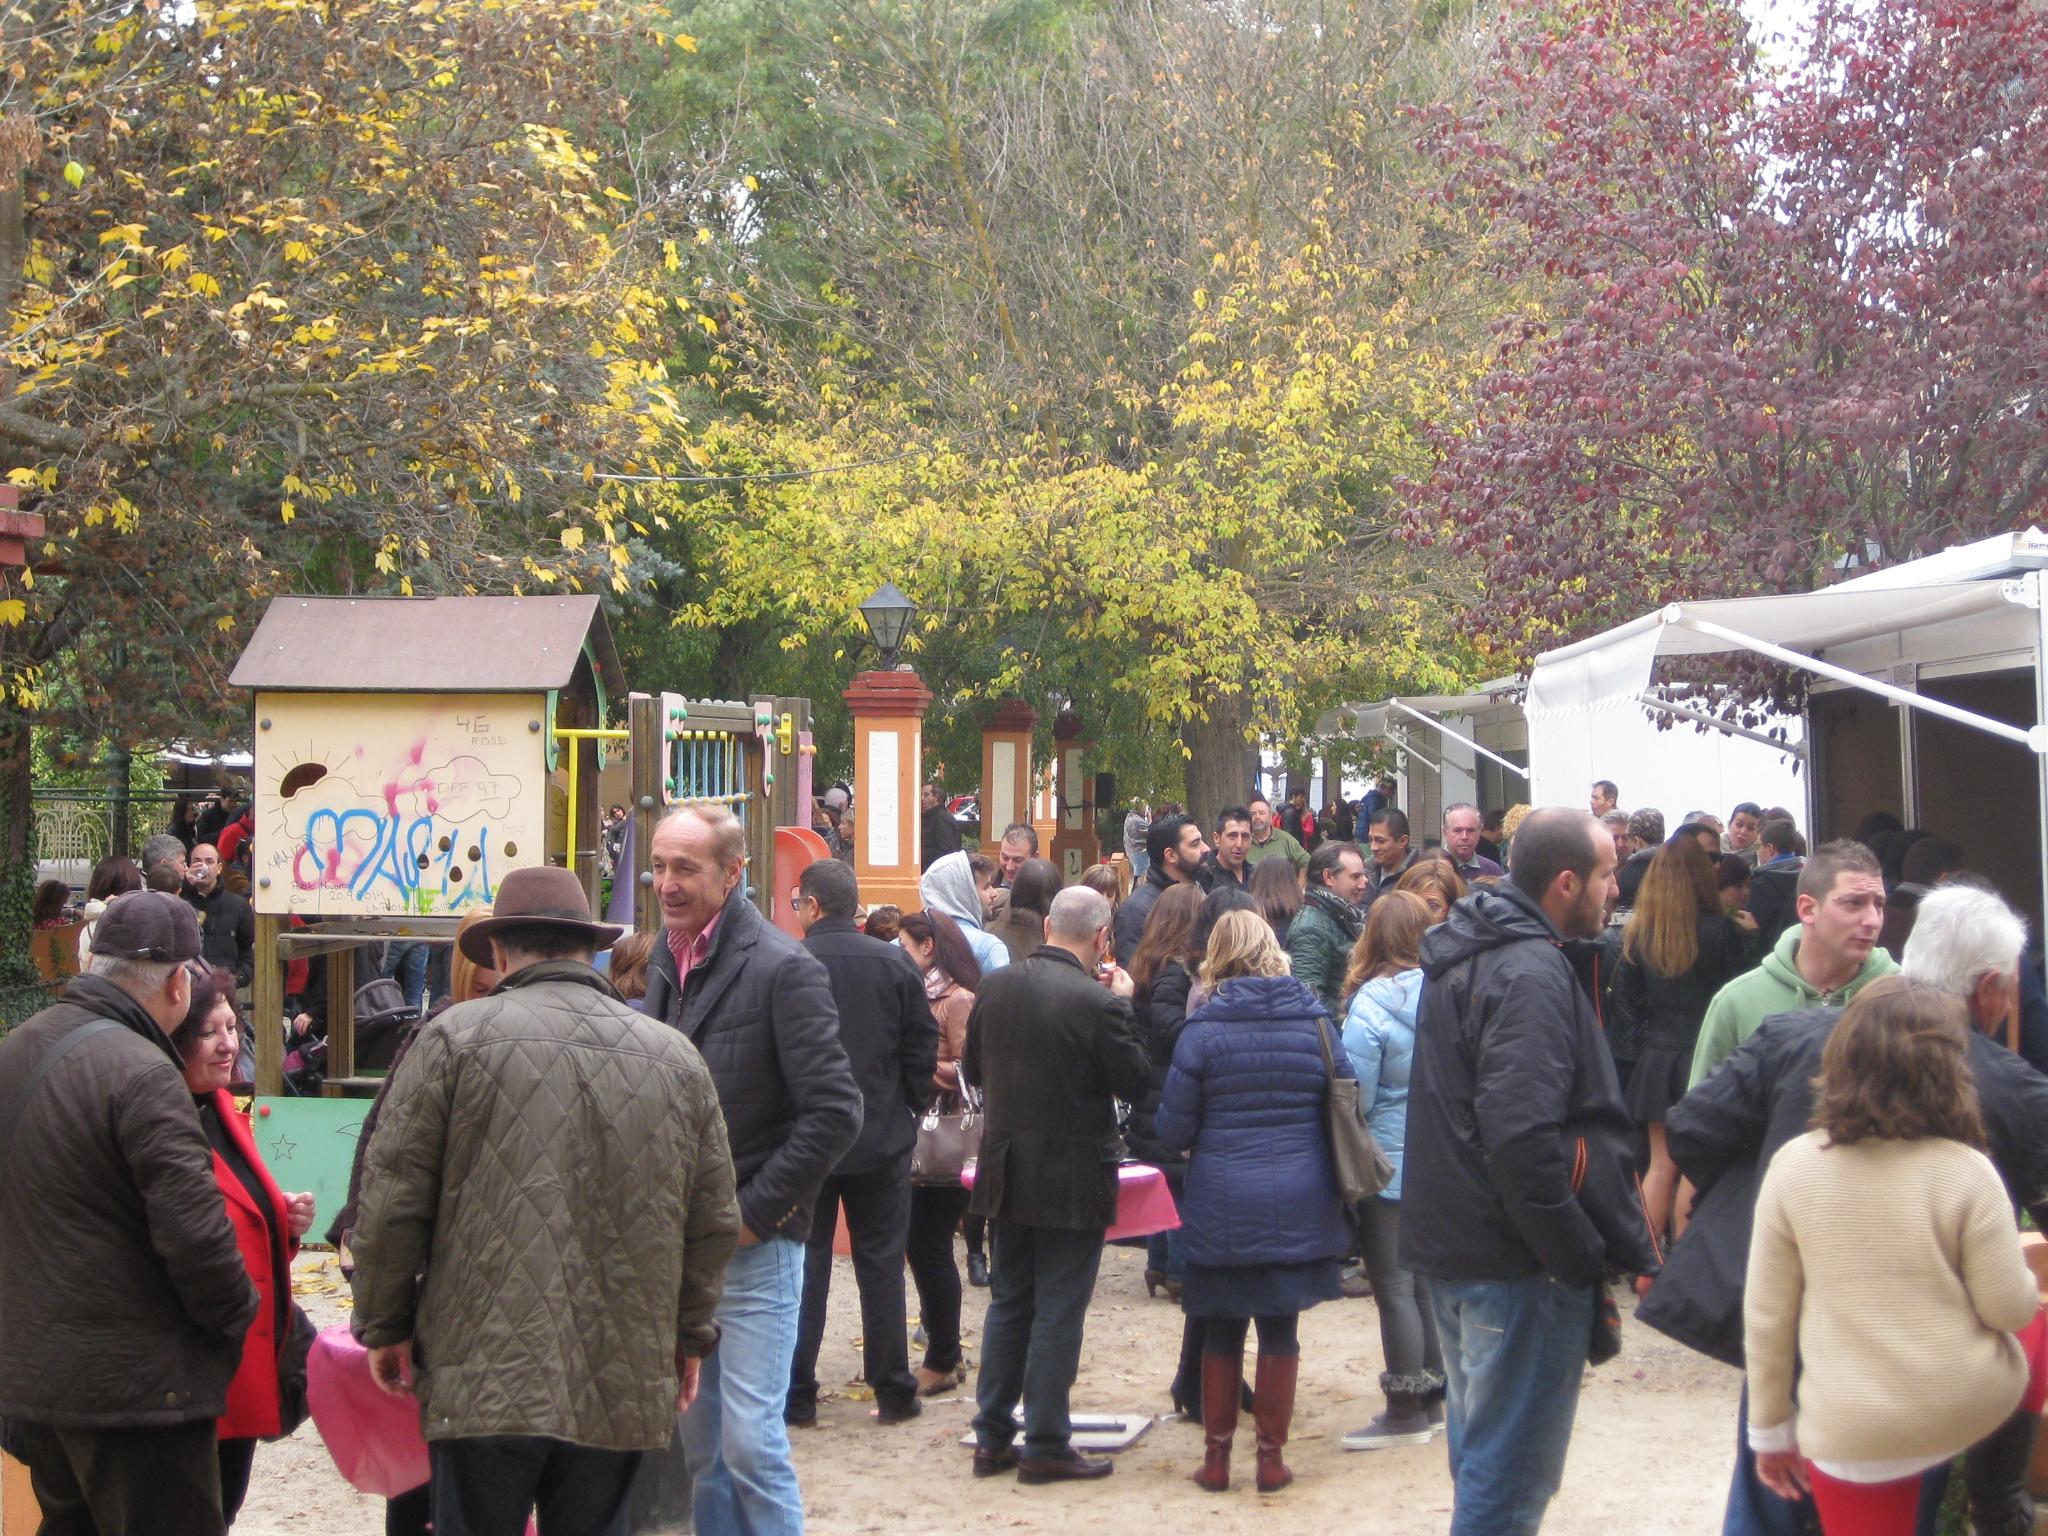 El parque de la Glorieta de Requena acogió la III edición de Tapeando la Ruta FUENTE: Ruta del Vino Utiel-Requena